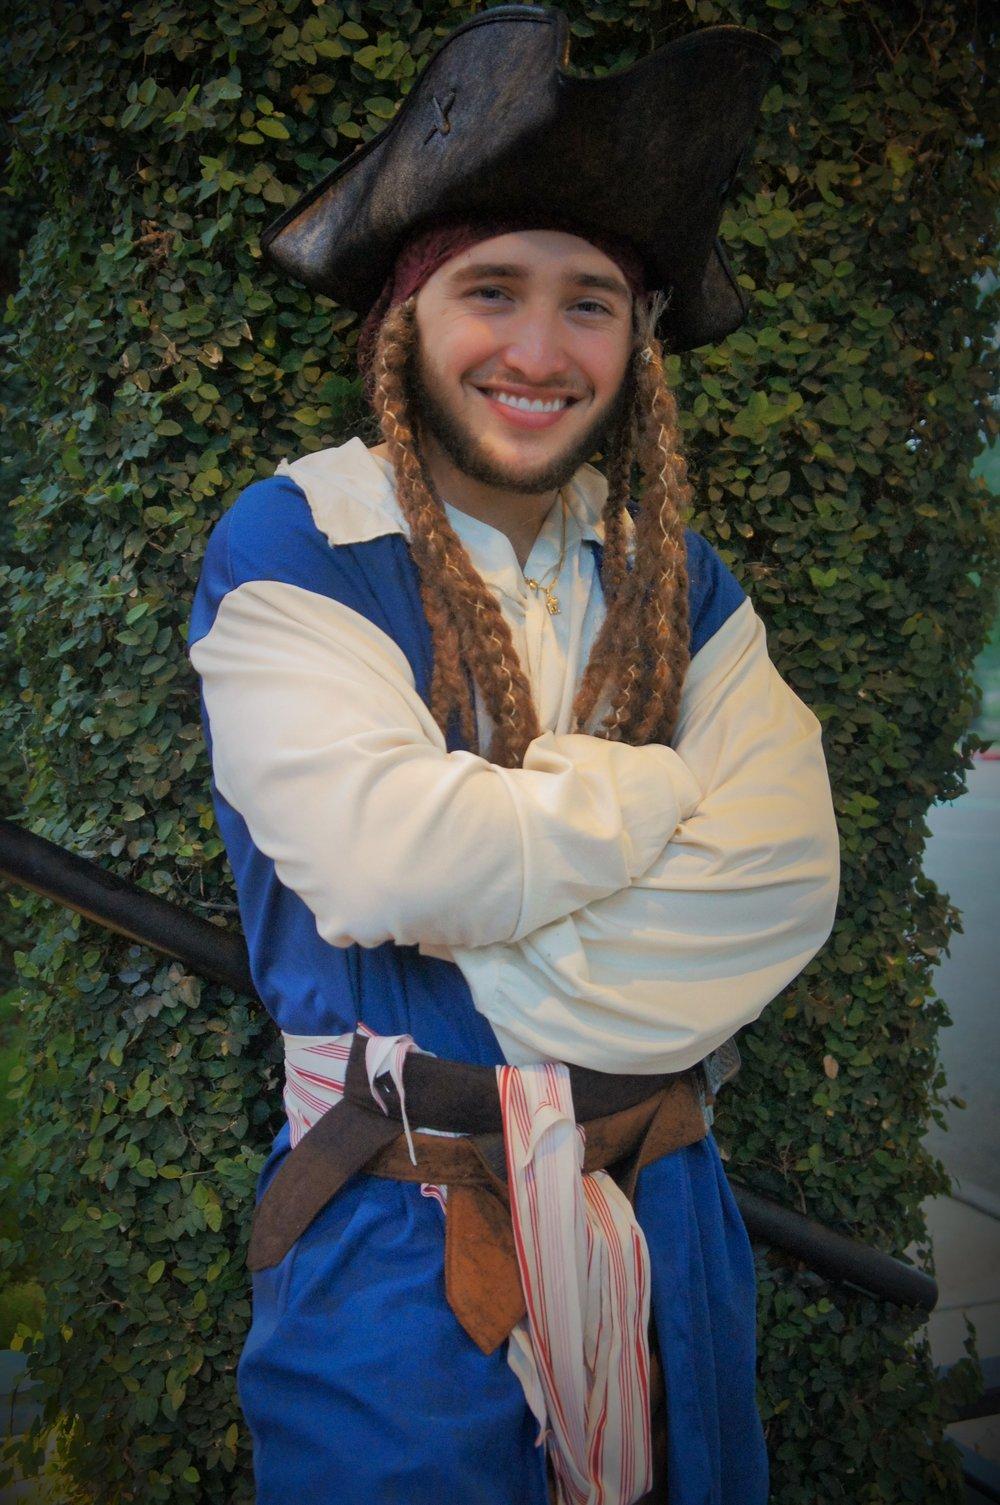 pirate3.jpeg